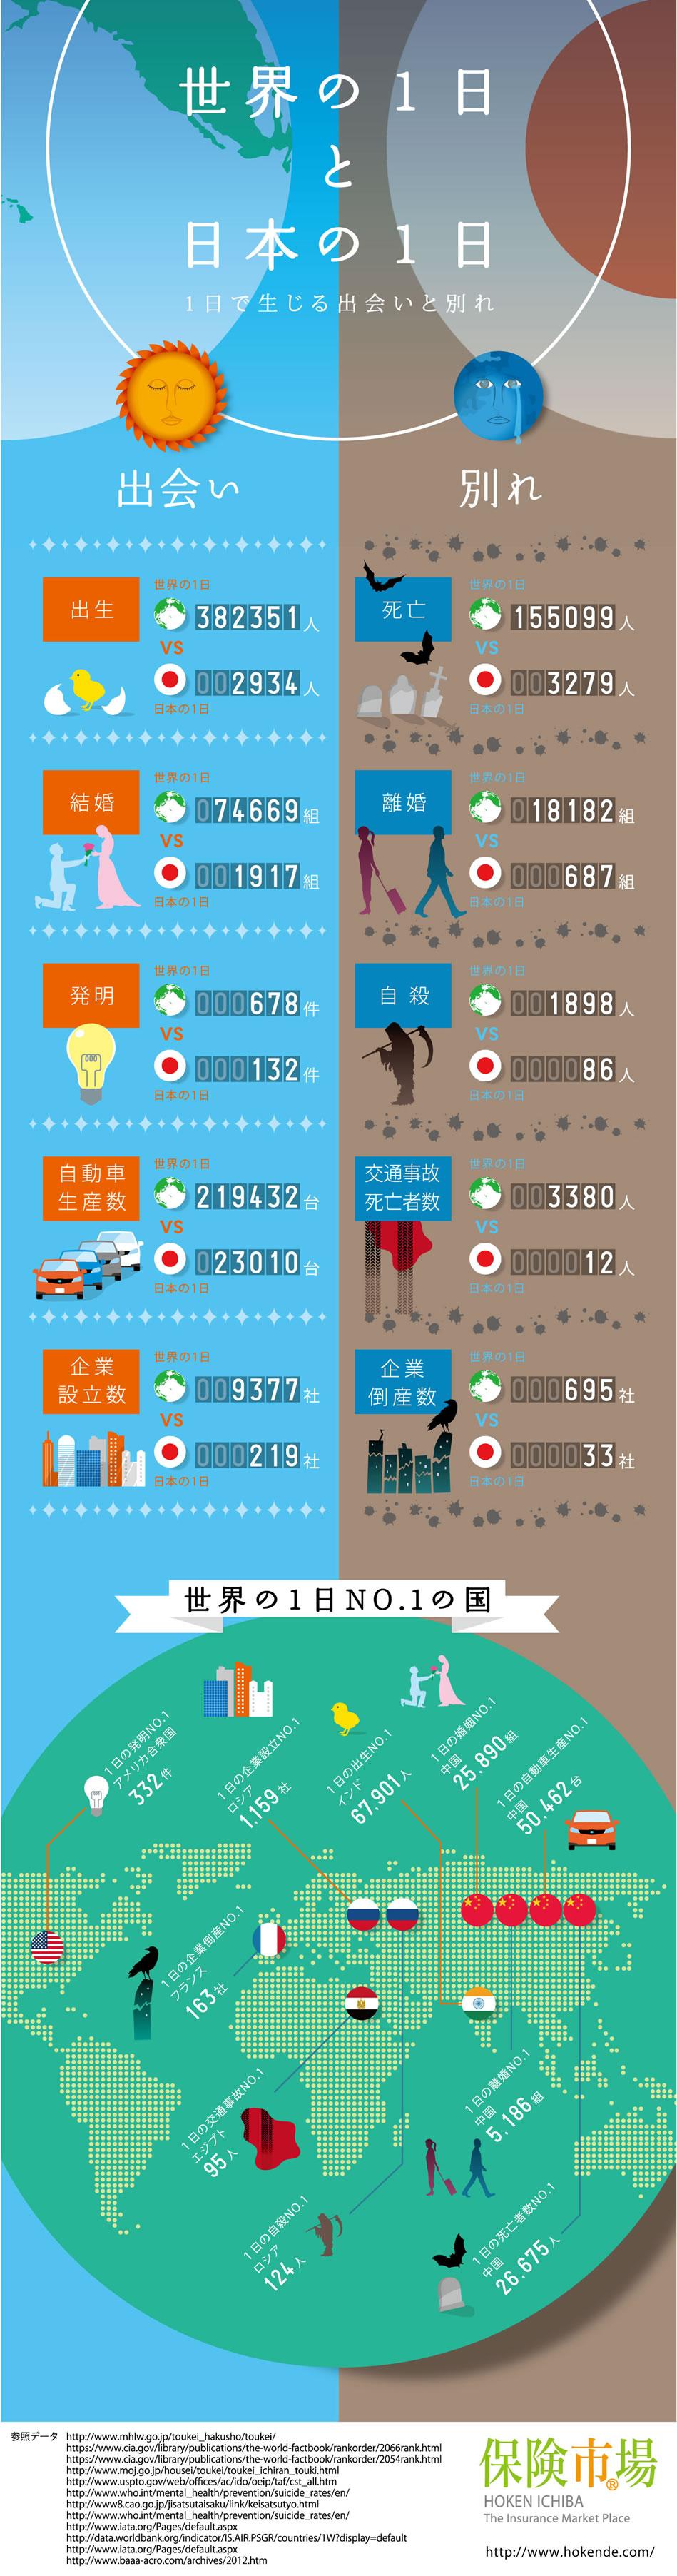 インフォグラフィック:毎日起こる出生数と死亡数(自殺者含)。日本と世界を比較